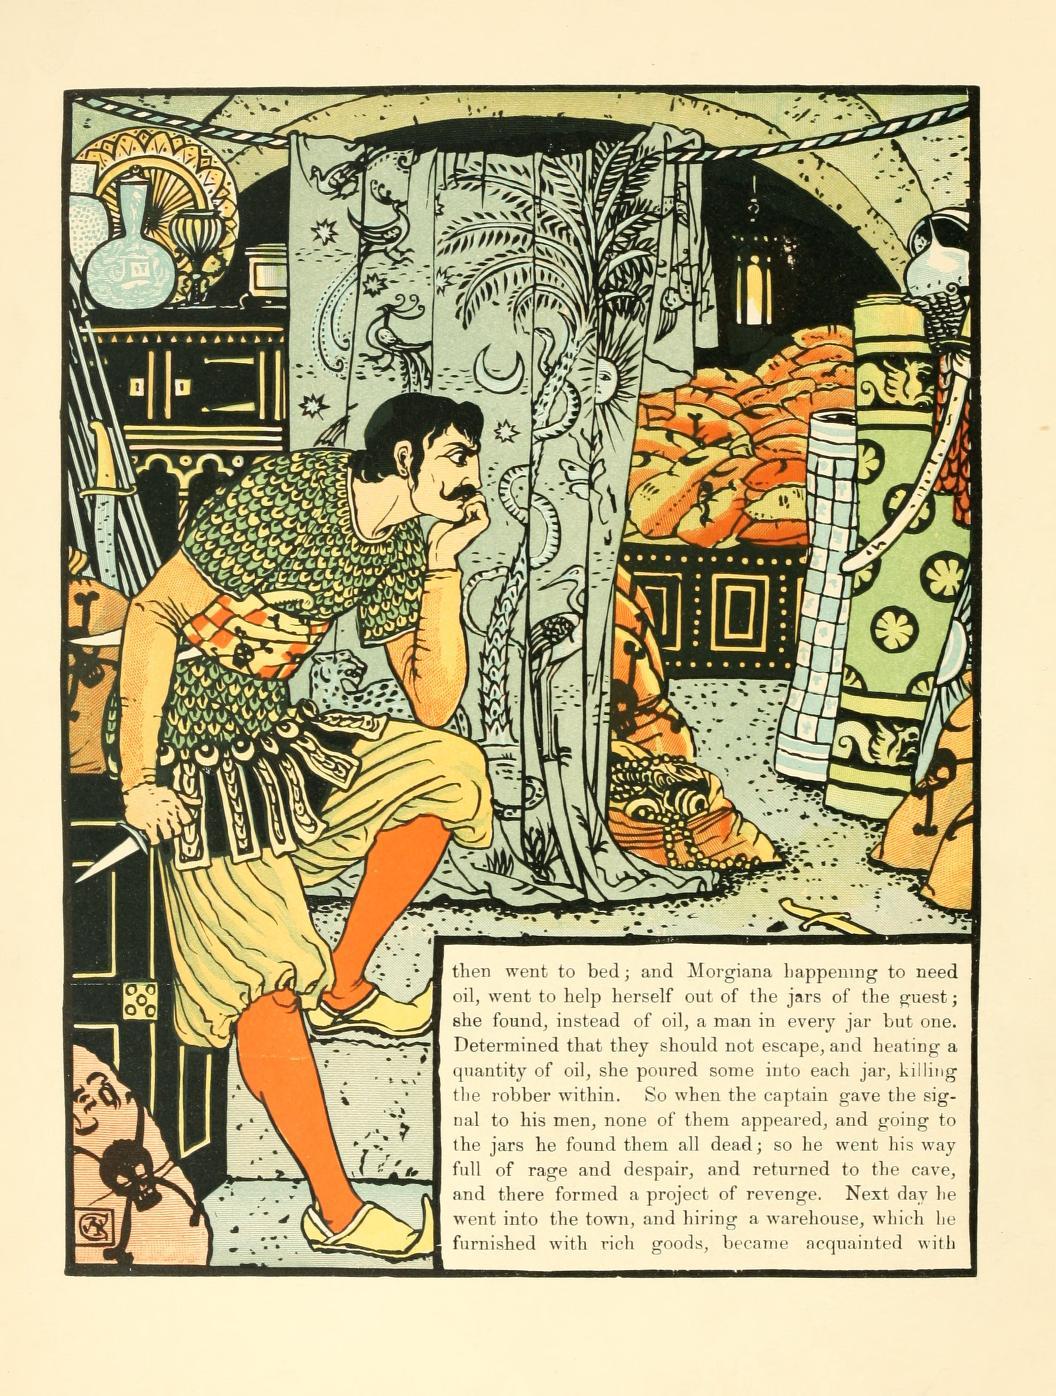 ウォルター・クレイン アリババと40人の盗賊 Crane_ali baba and the forty thieves-05